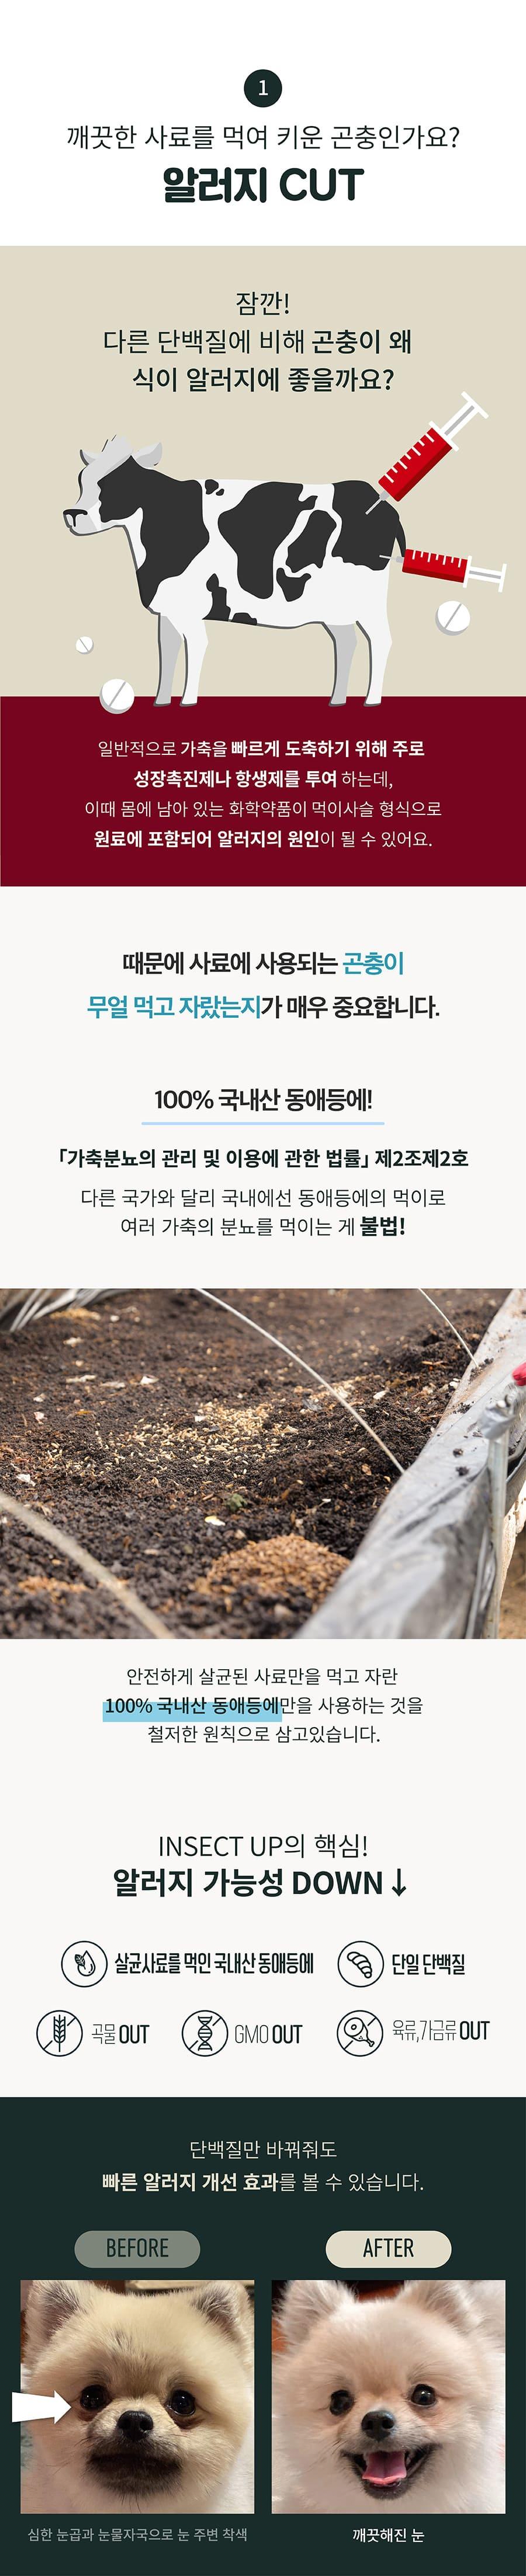 [EVENT] 인섹트업 하이포알러지 사료 (1.2kg)-상품이미지-4